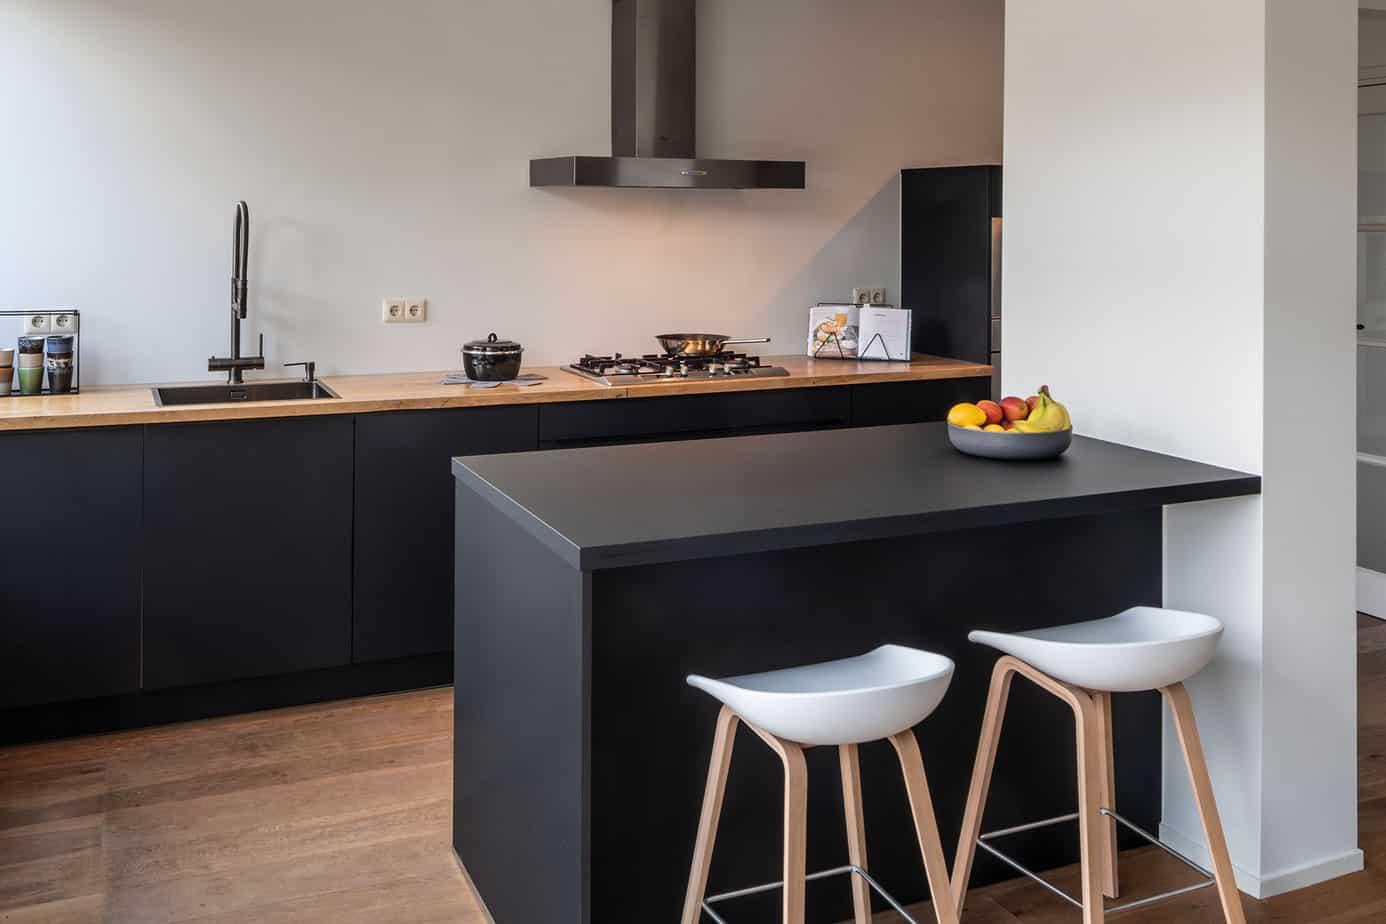 Keukenrenovatie uw keuken renoveren van keukendeurtjes tot